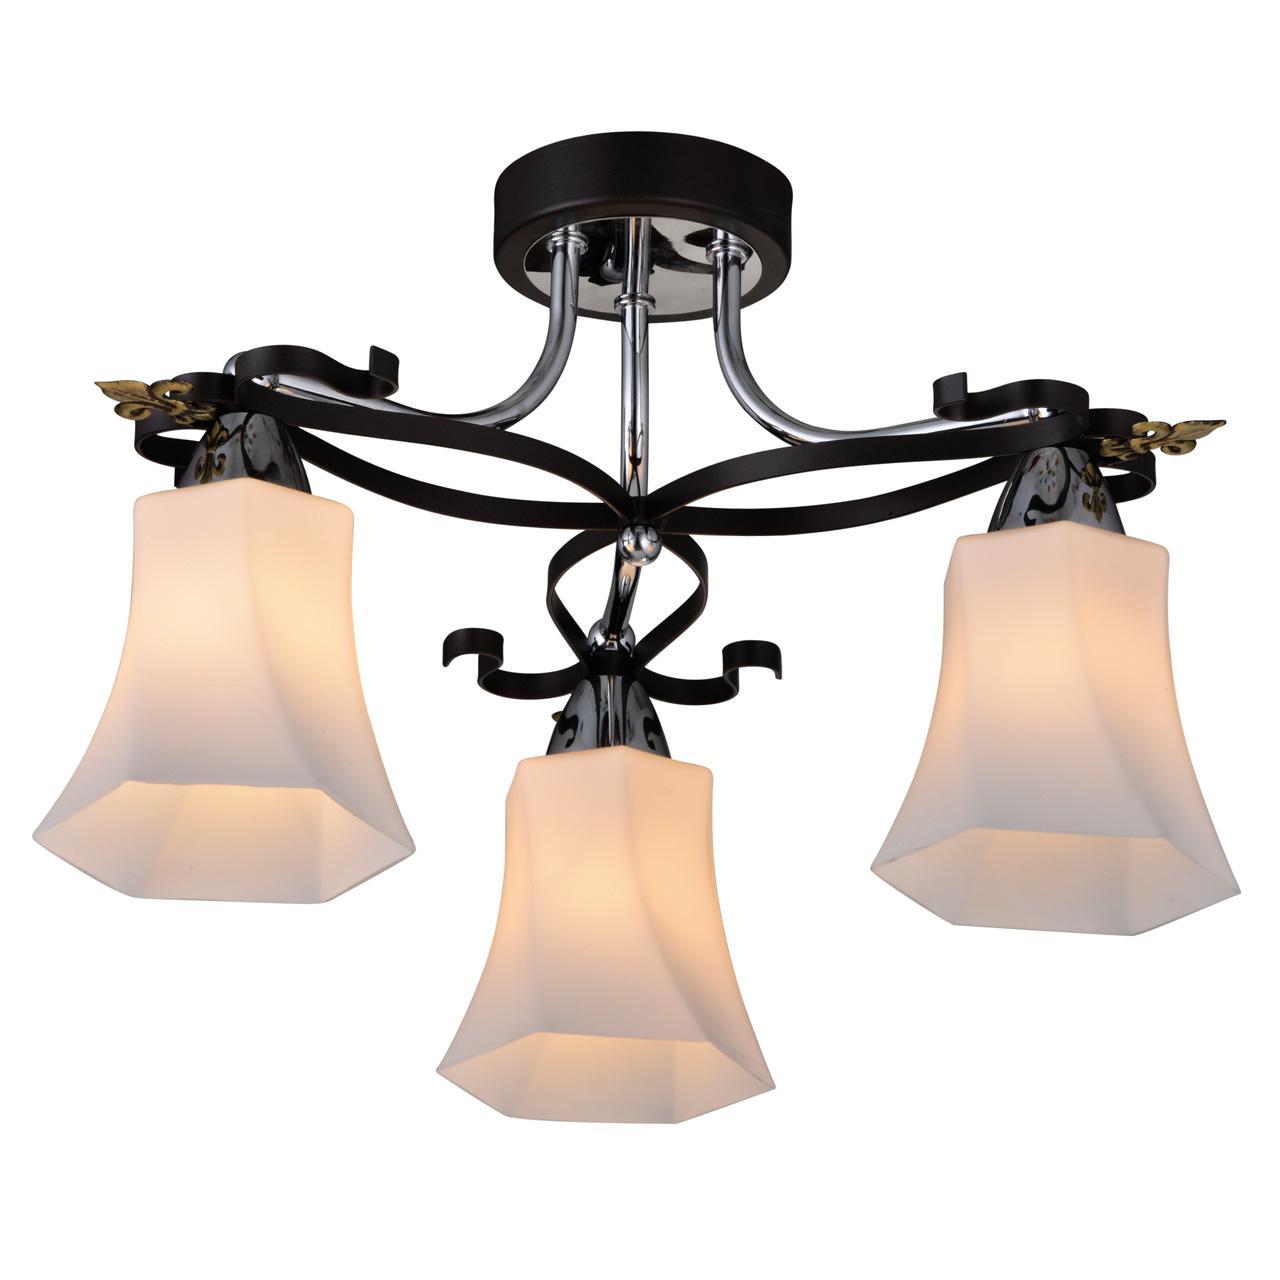 Люстра IDLamp Monga 849/3PF-Dark потолочная потолочная люстра idlamp zita 867 3pf dark